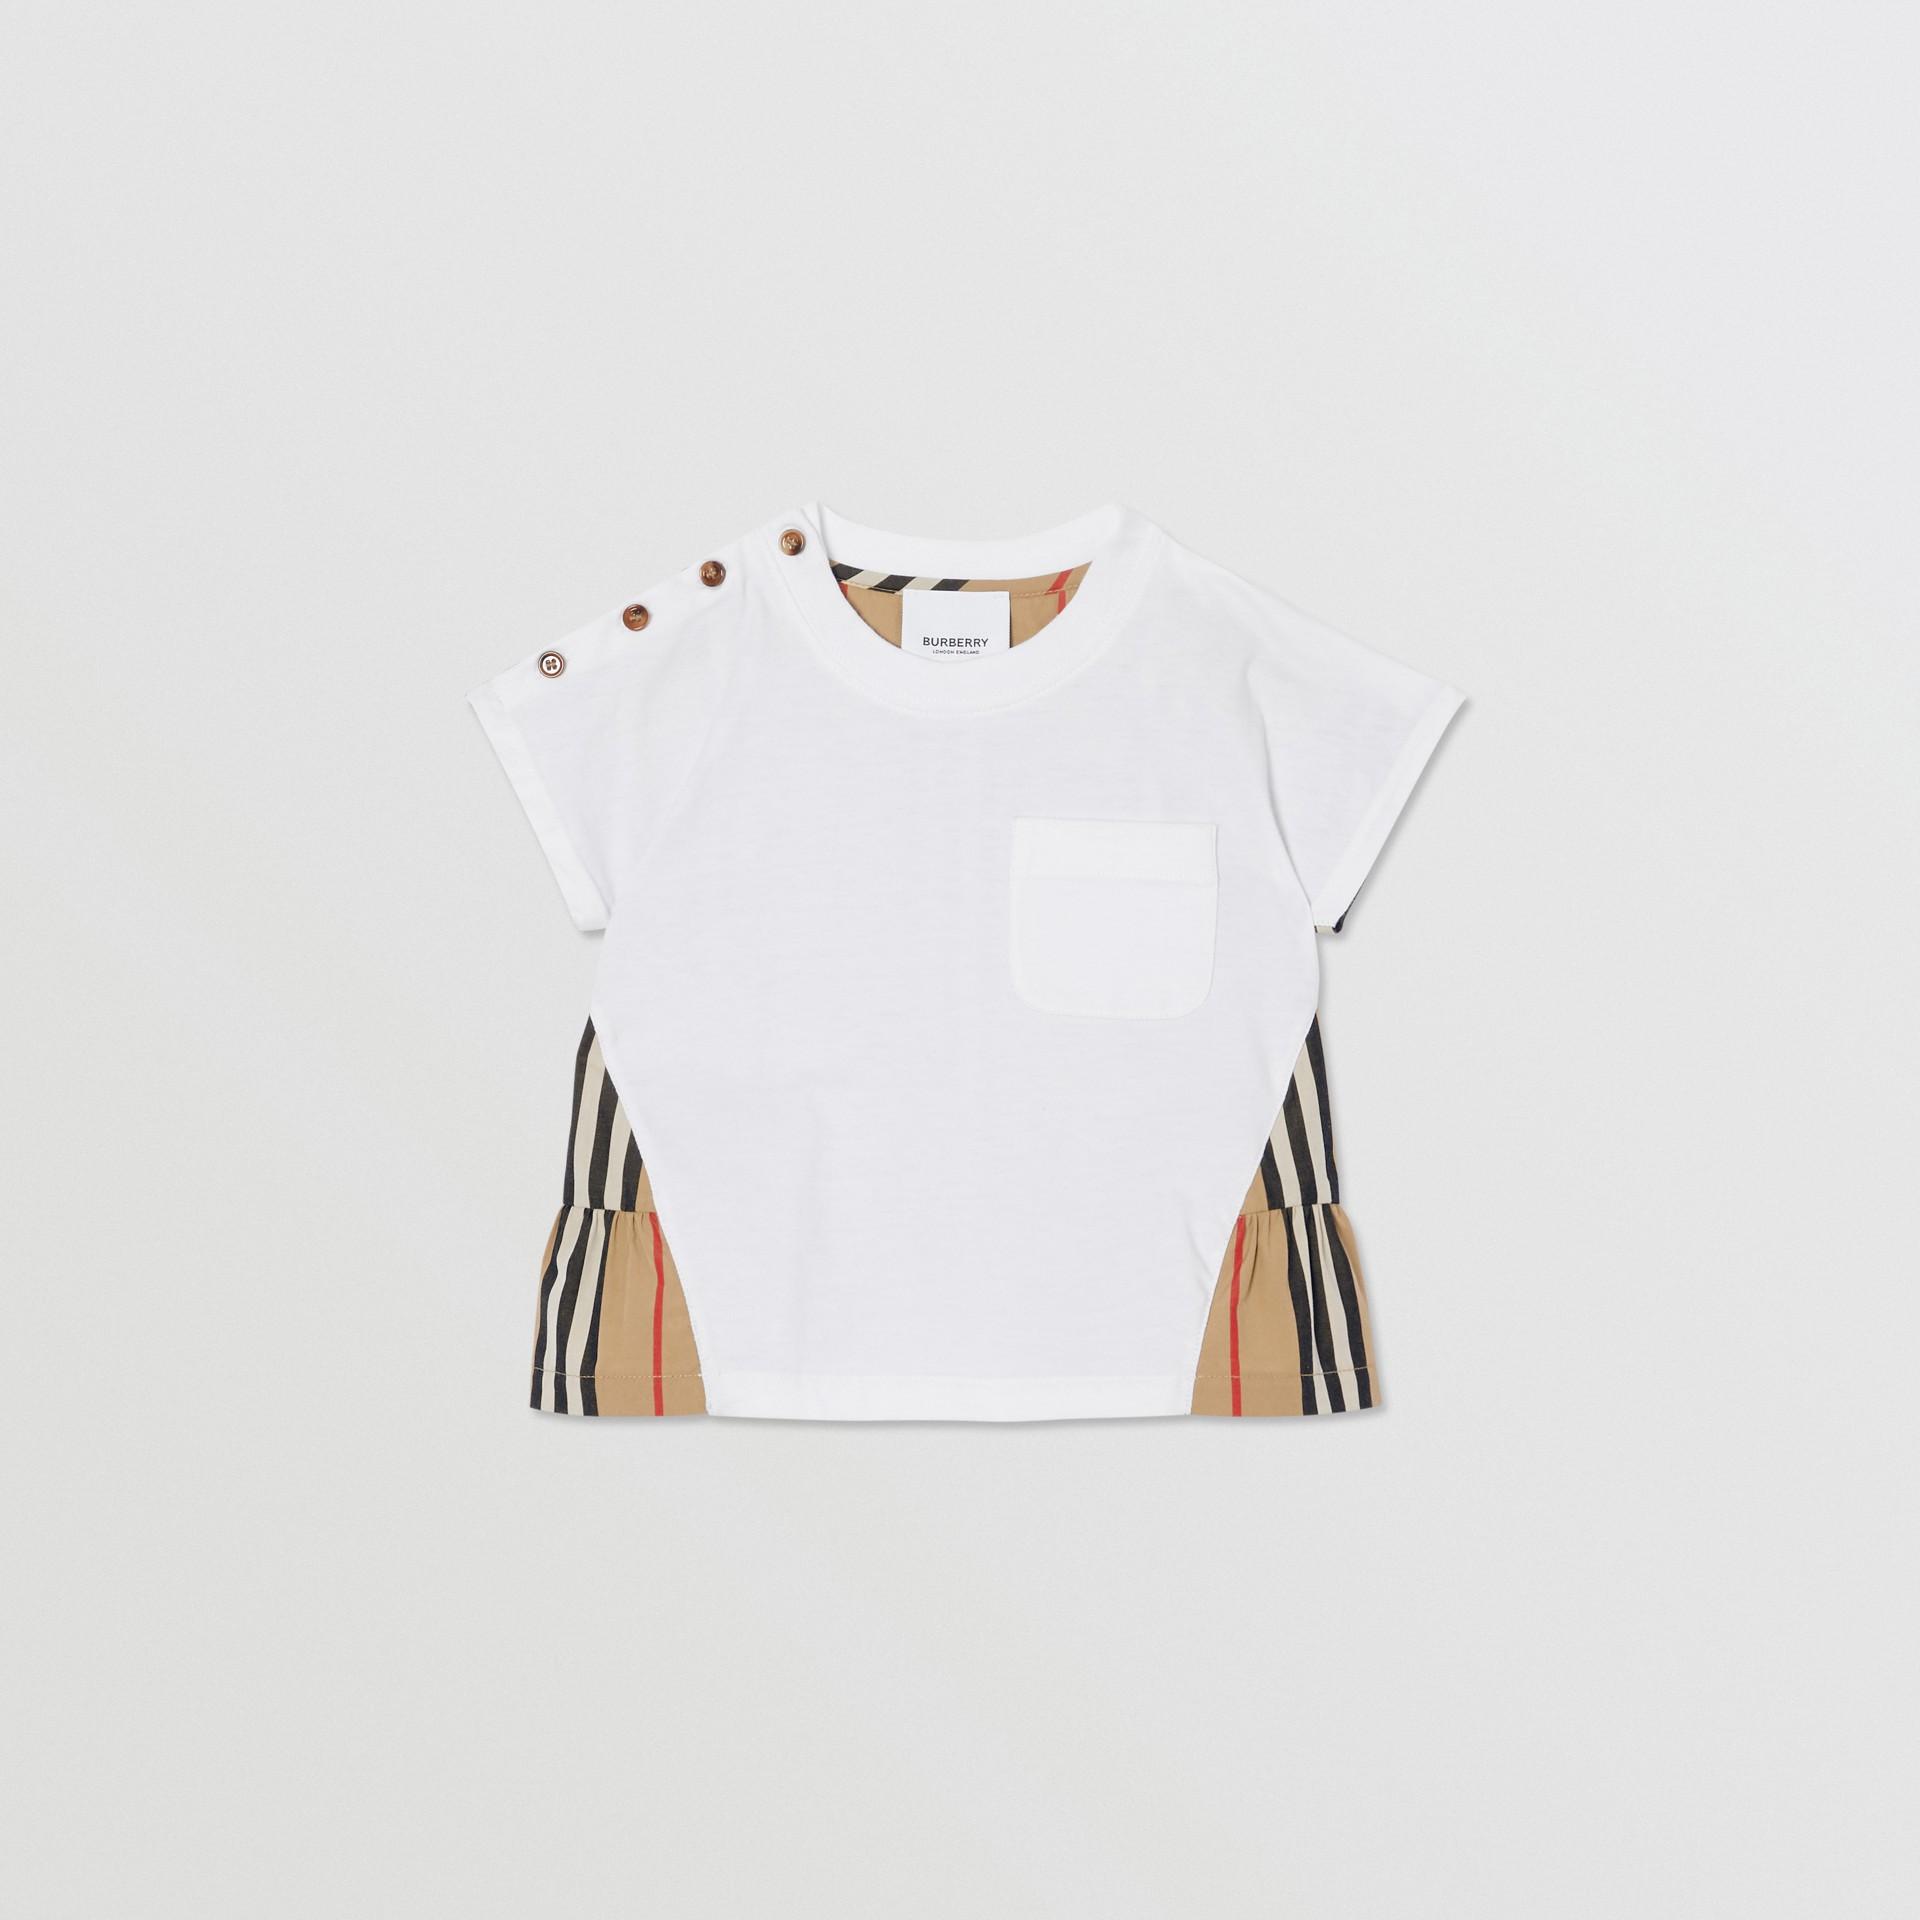 アイコンストライプパネル コットンTシャツ (ホワイト/アーカイブベージュ) - チルドレンズ | バーバリー - ギャラリーイメージ 0